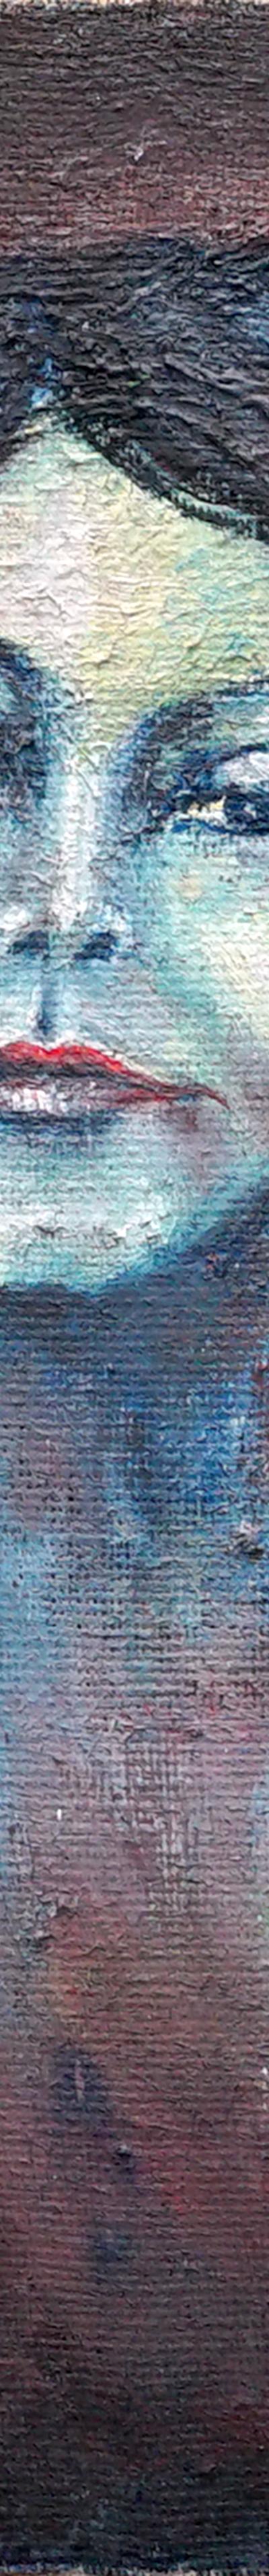 egyptian woman 40x55 cm, oil on canvas